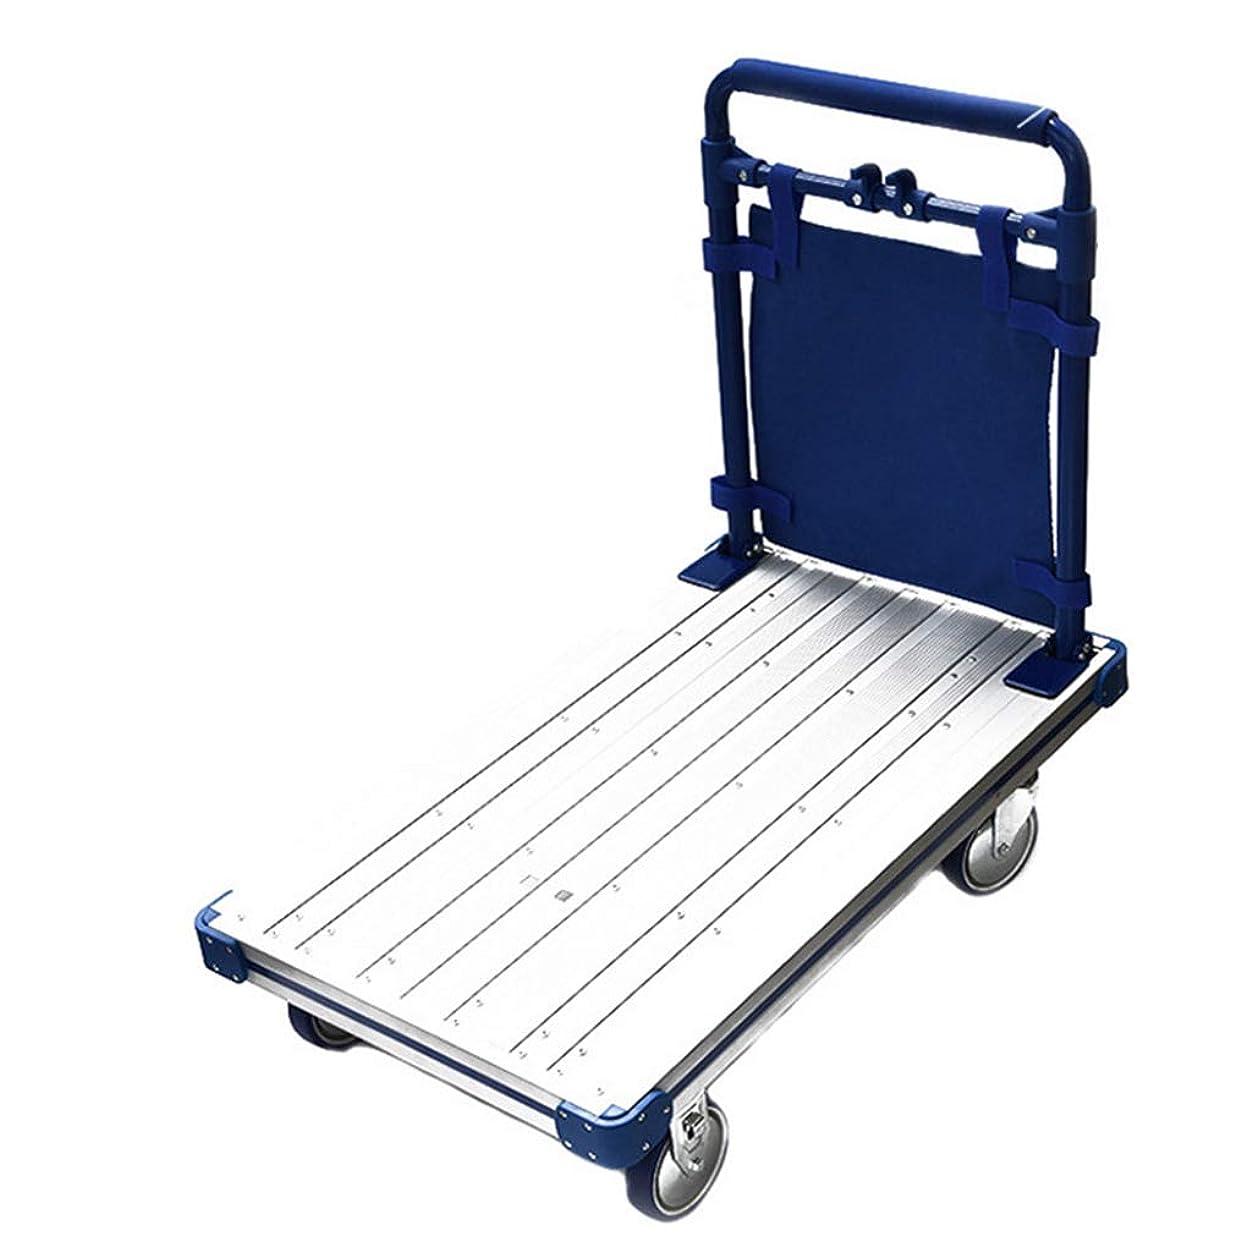 害虫気をつけて衝撃SZQ 軽量アルミニウム合金車、折りたたみ可能なサイレントトロリー小型手荷物四輪トロリーサイズ70.5 * 44 * 9CM 利便性 (Color : Blue, Size : 70.5*44*9CM)